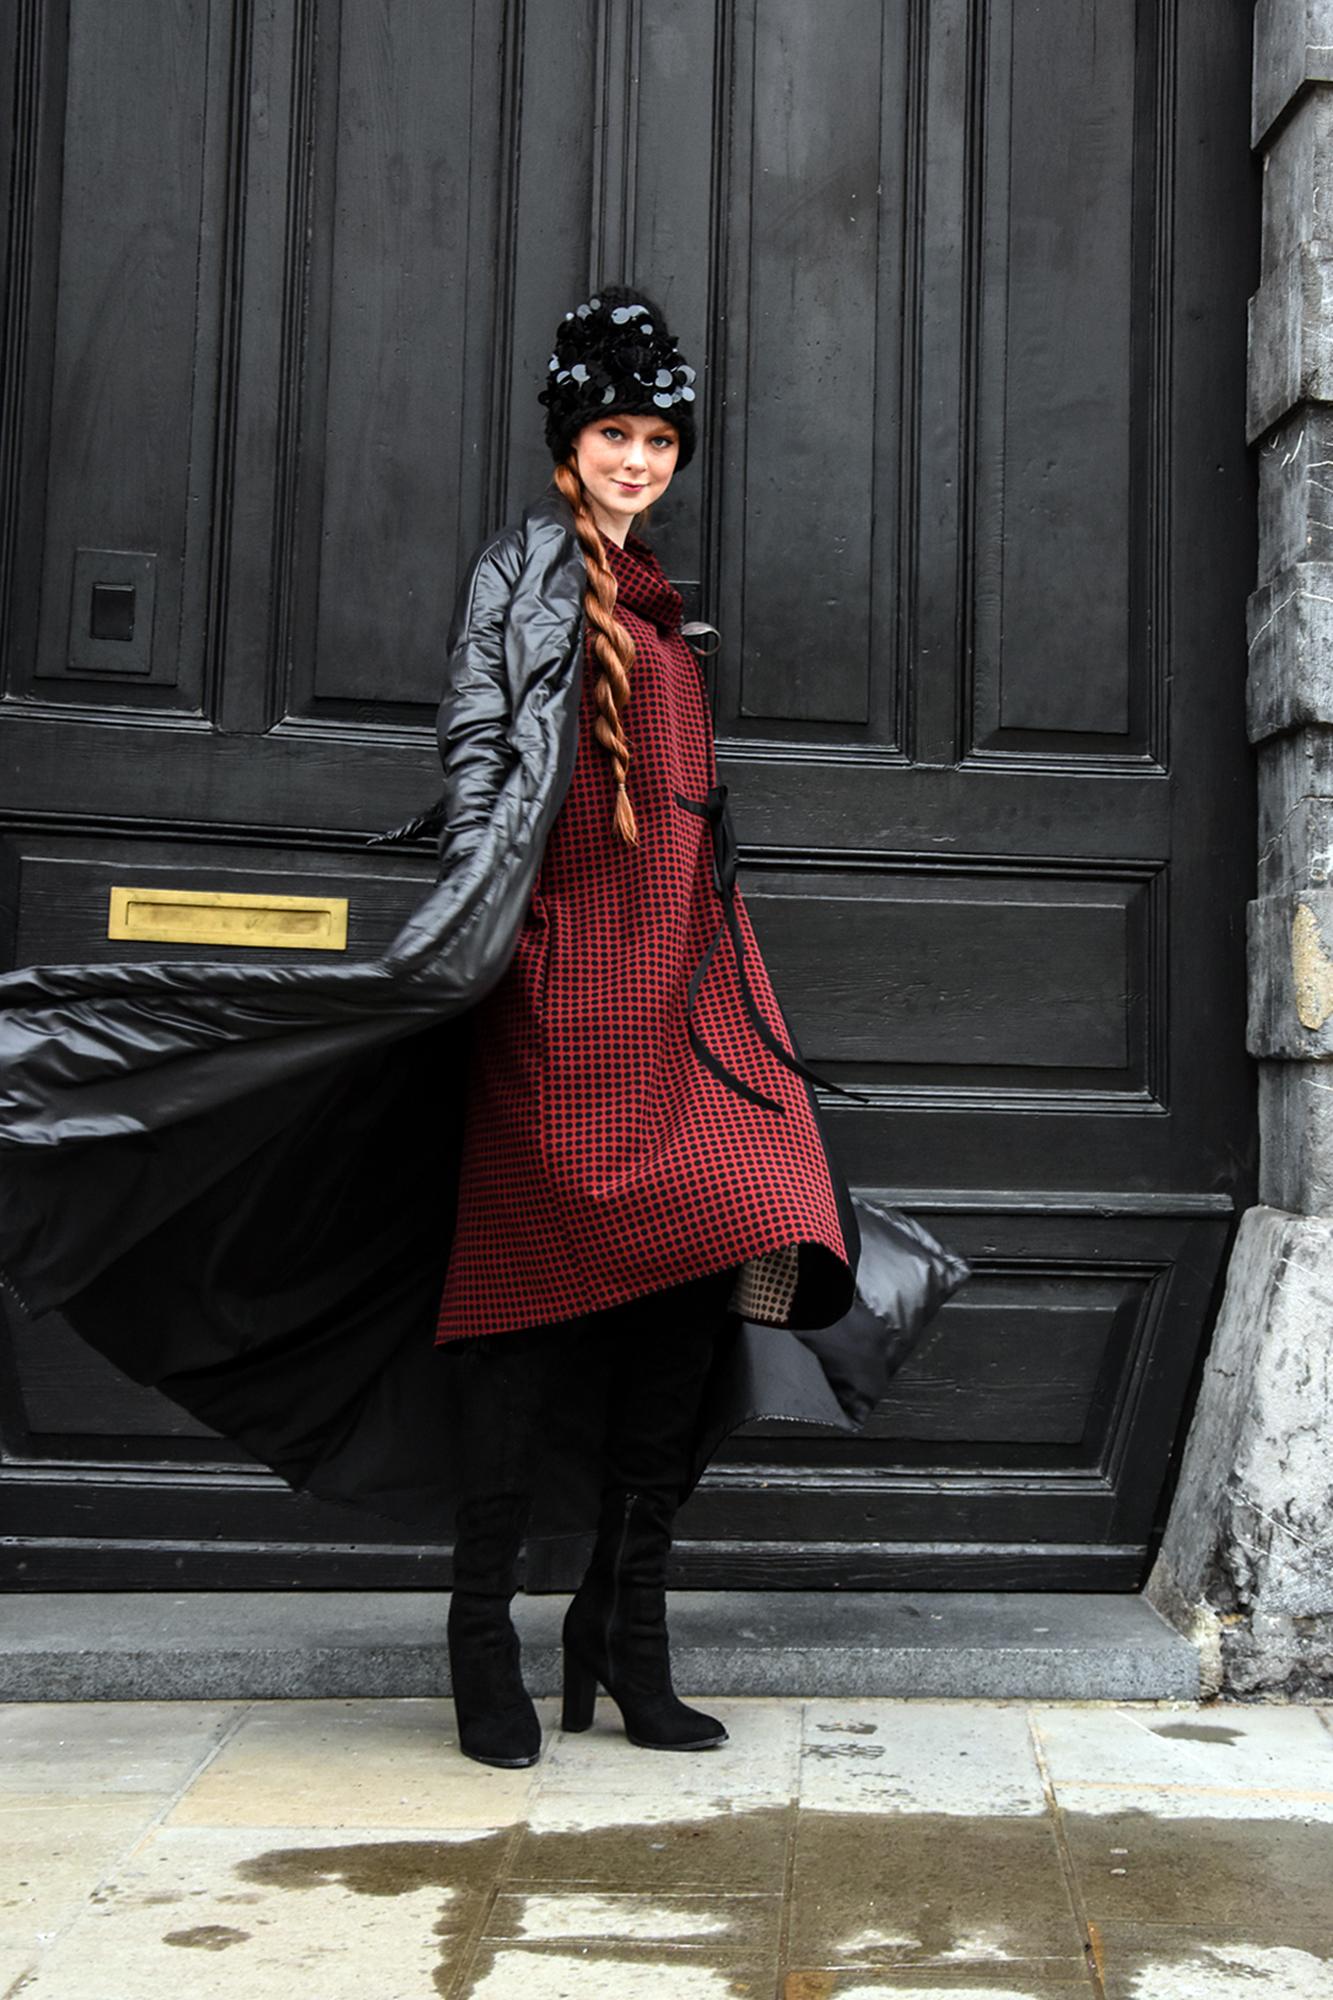 obleka Firma by Sanja/plašč JSP/kapa last stilistke